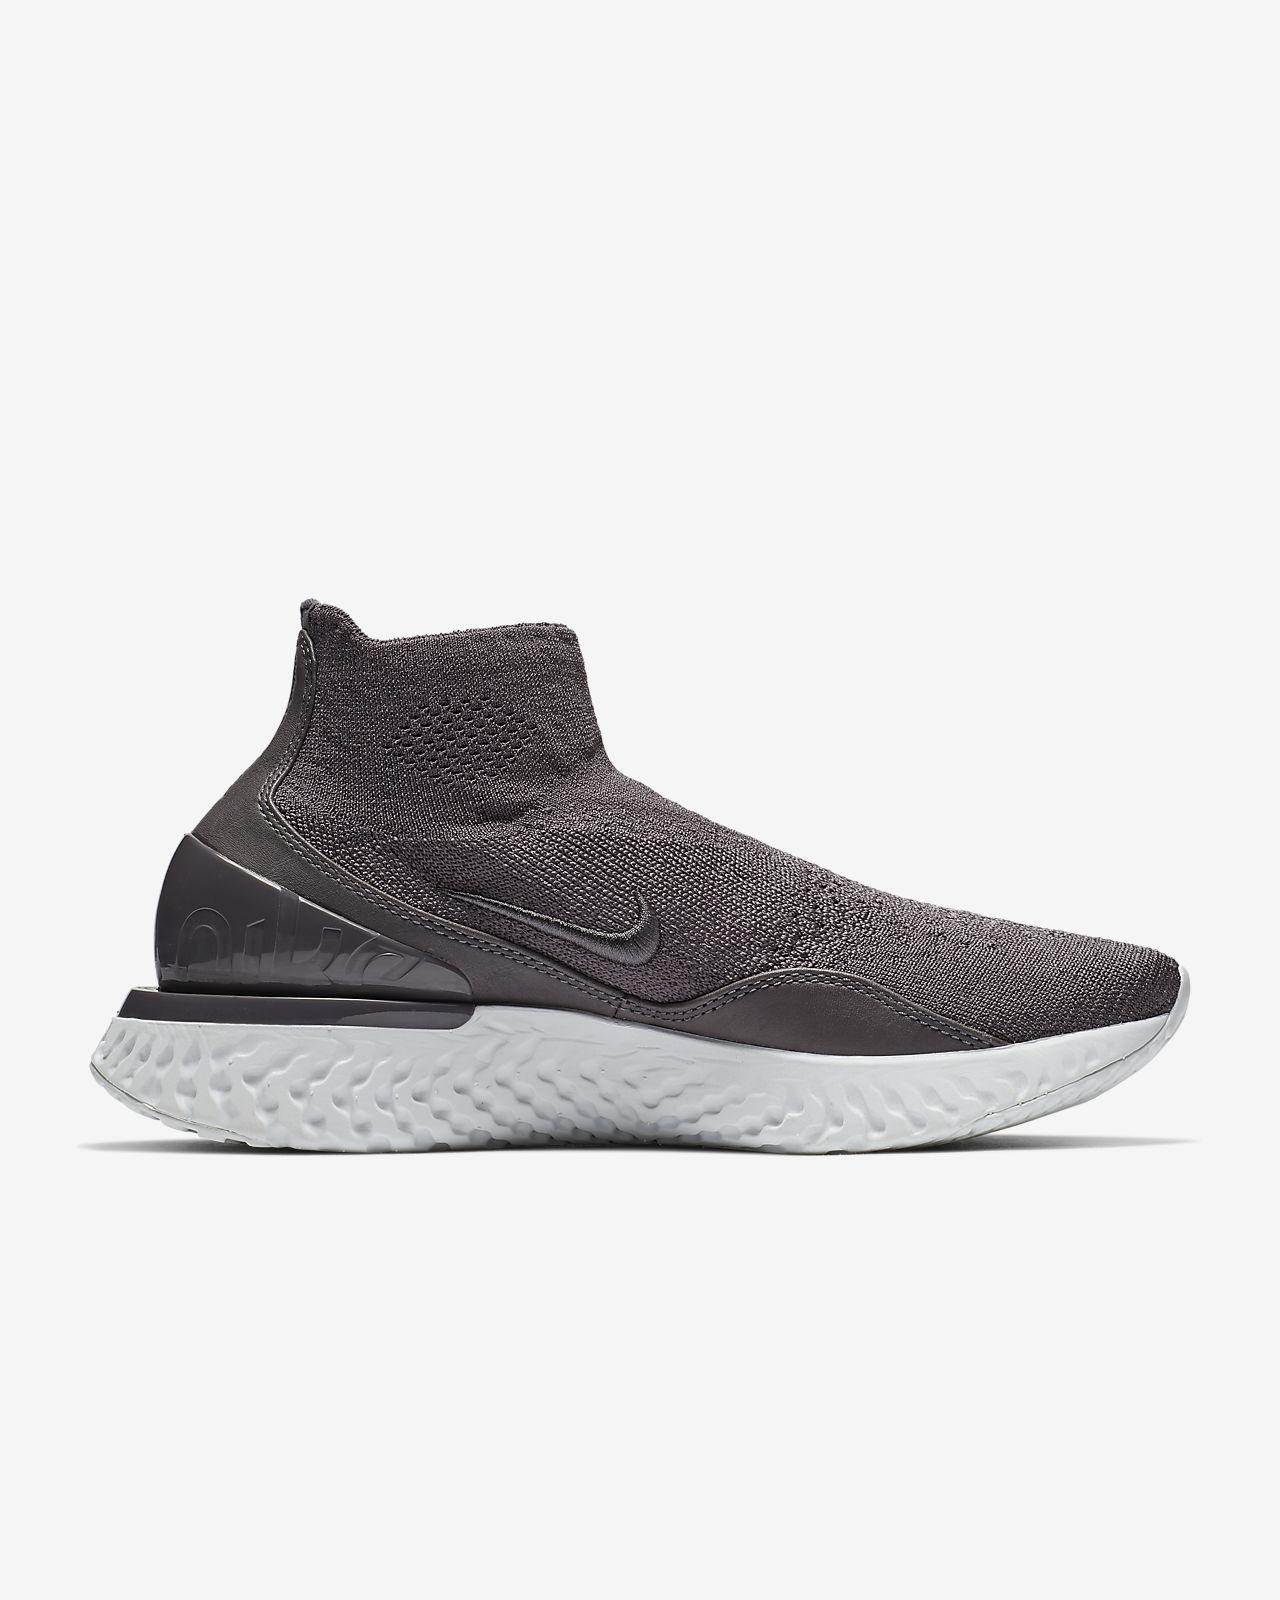 d4f9d52823711 Nike Rise React Flyknit Women s Running Shoe. Nike.com ZA